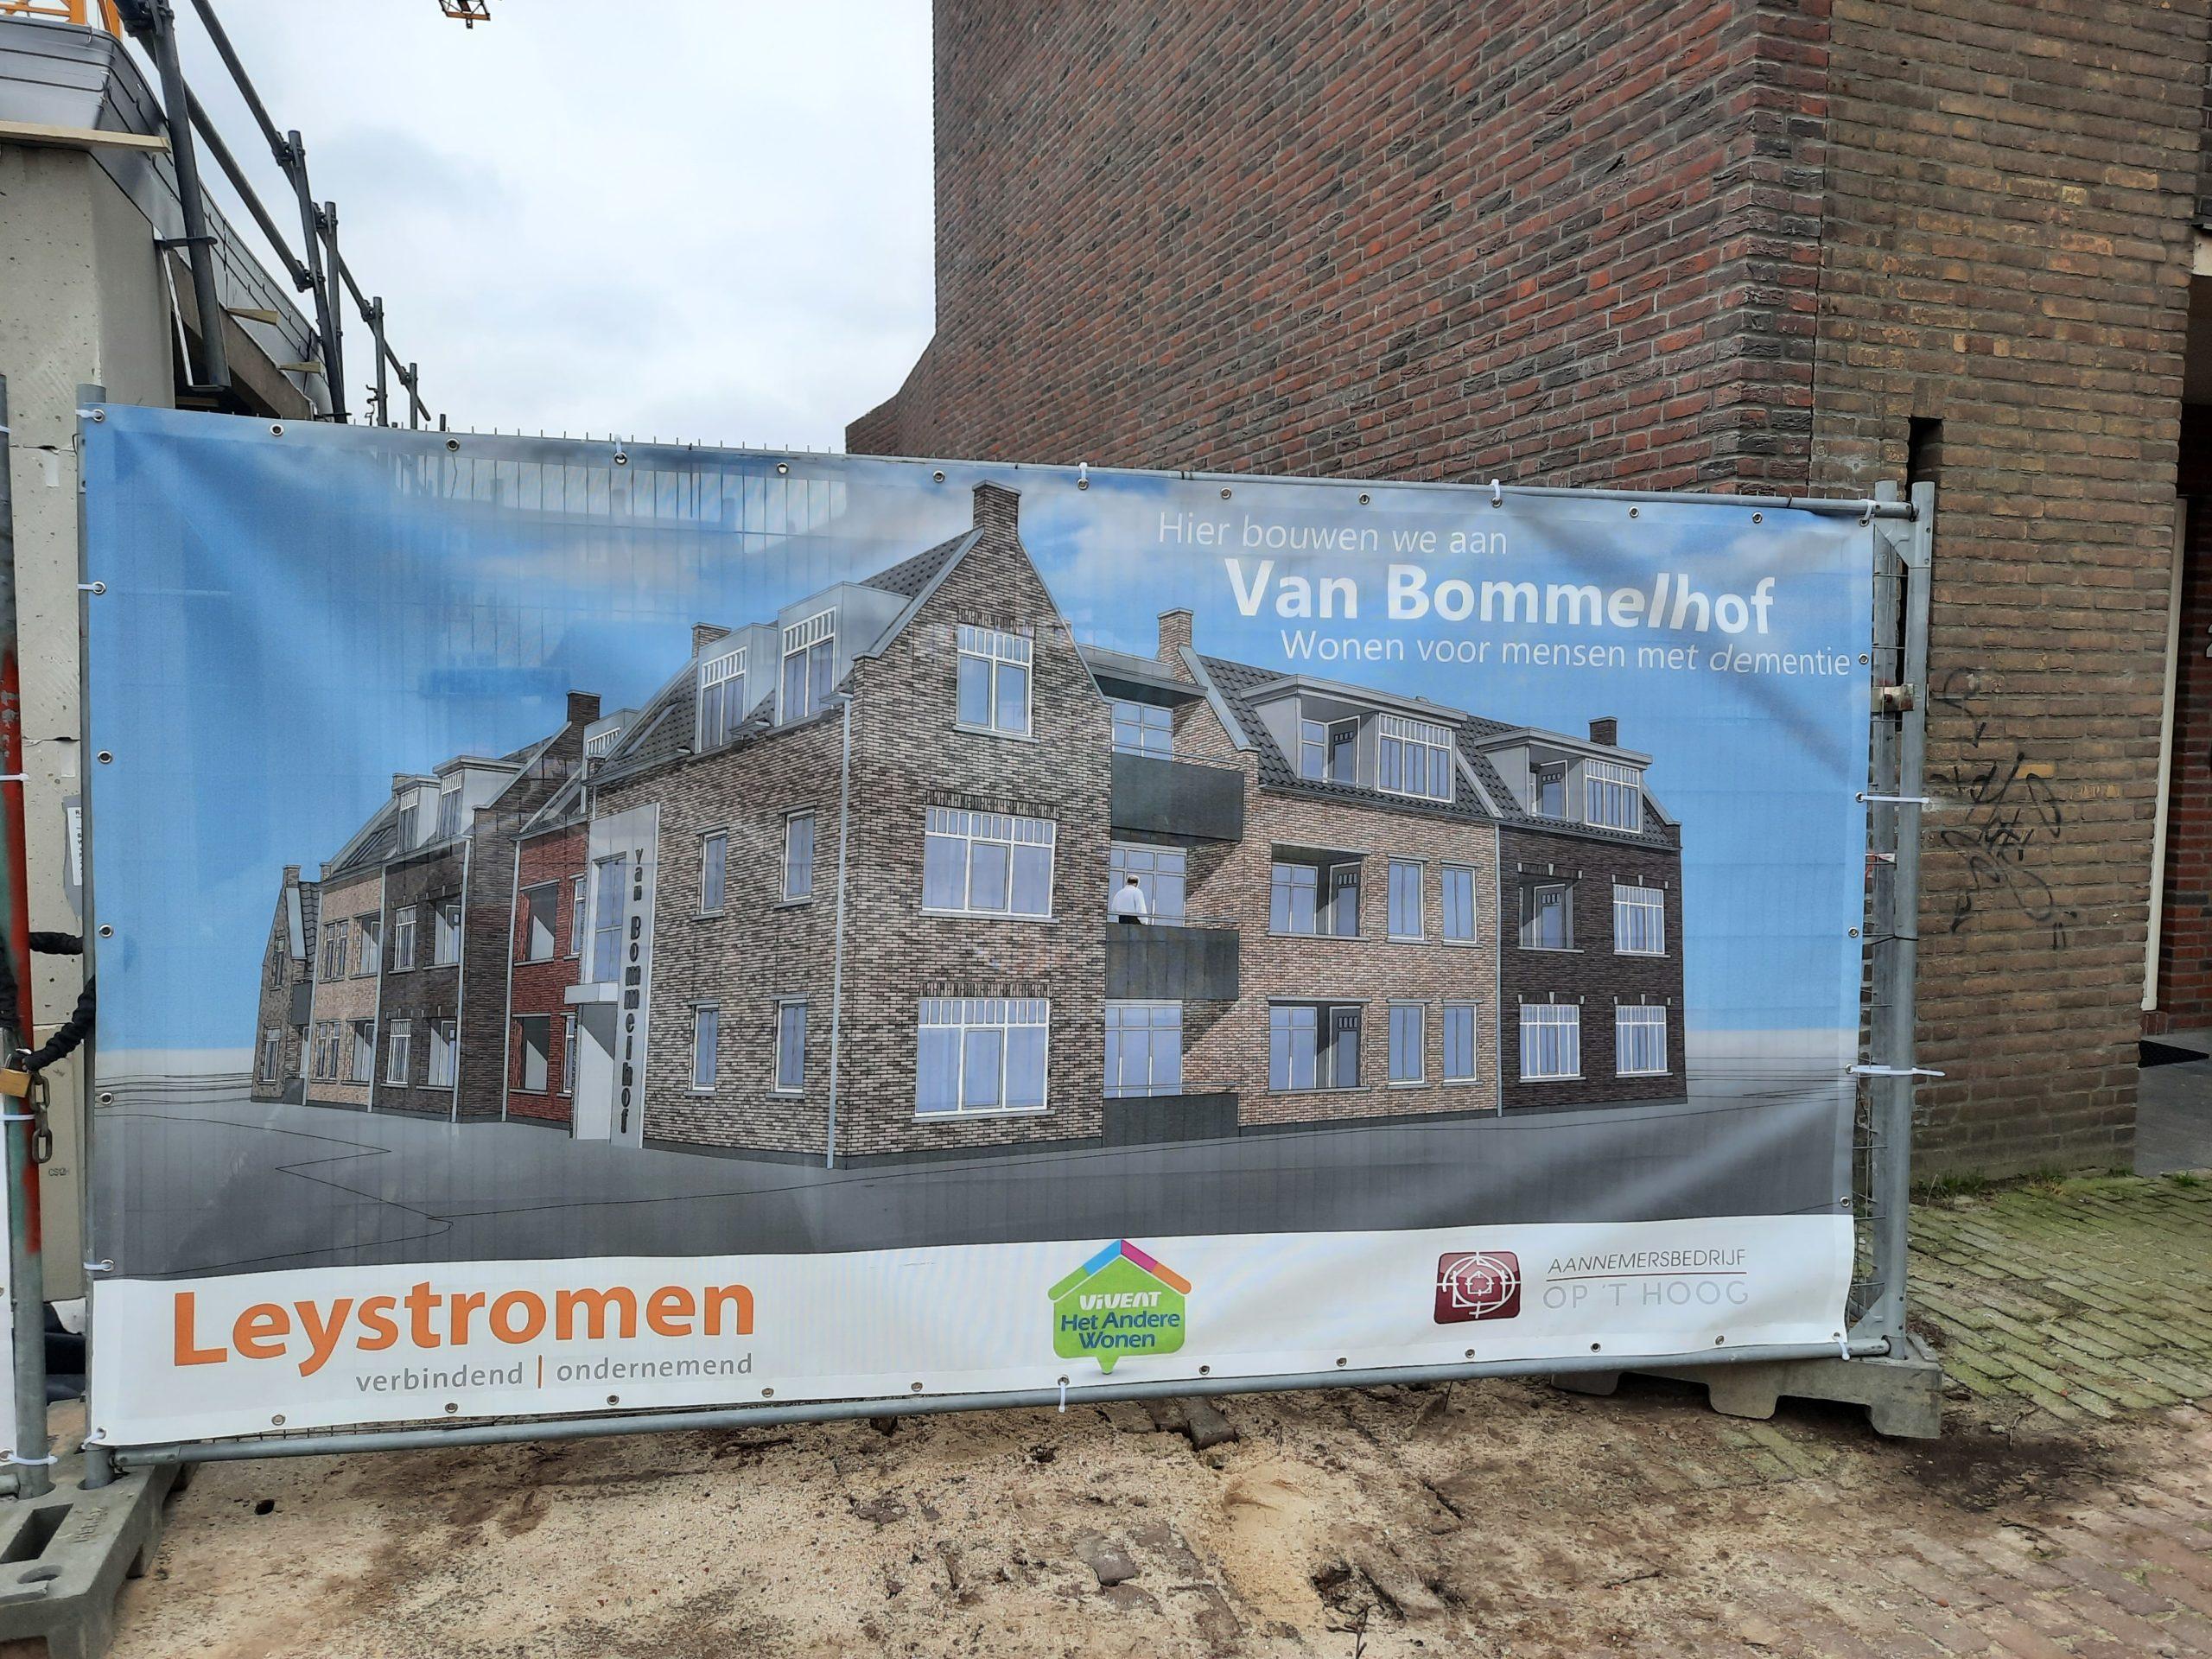 Van Bommelhof